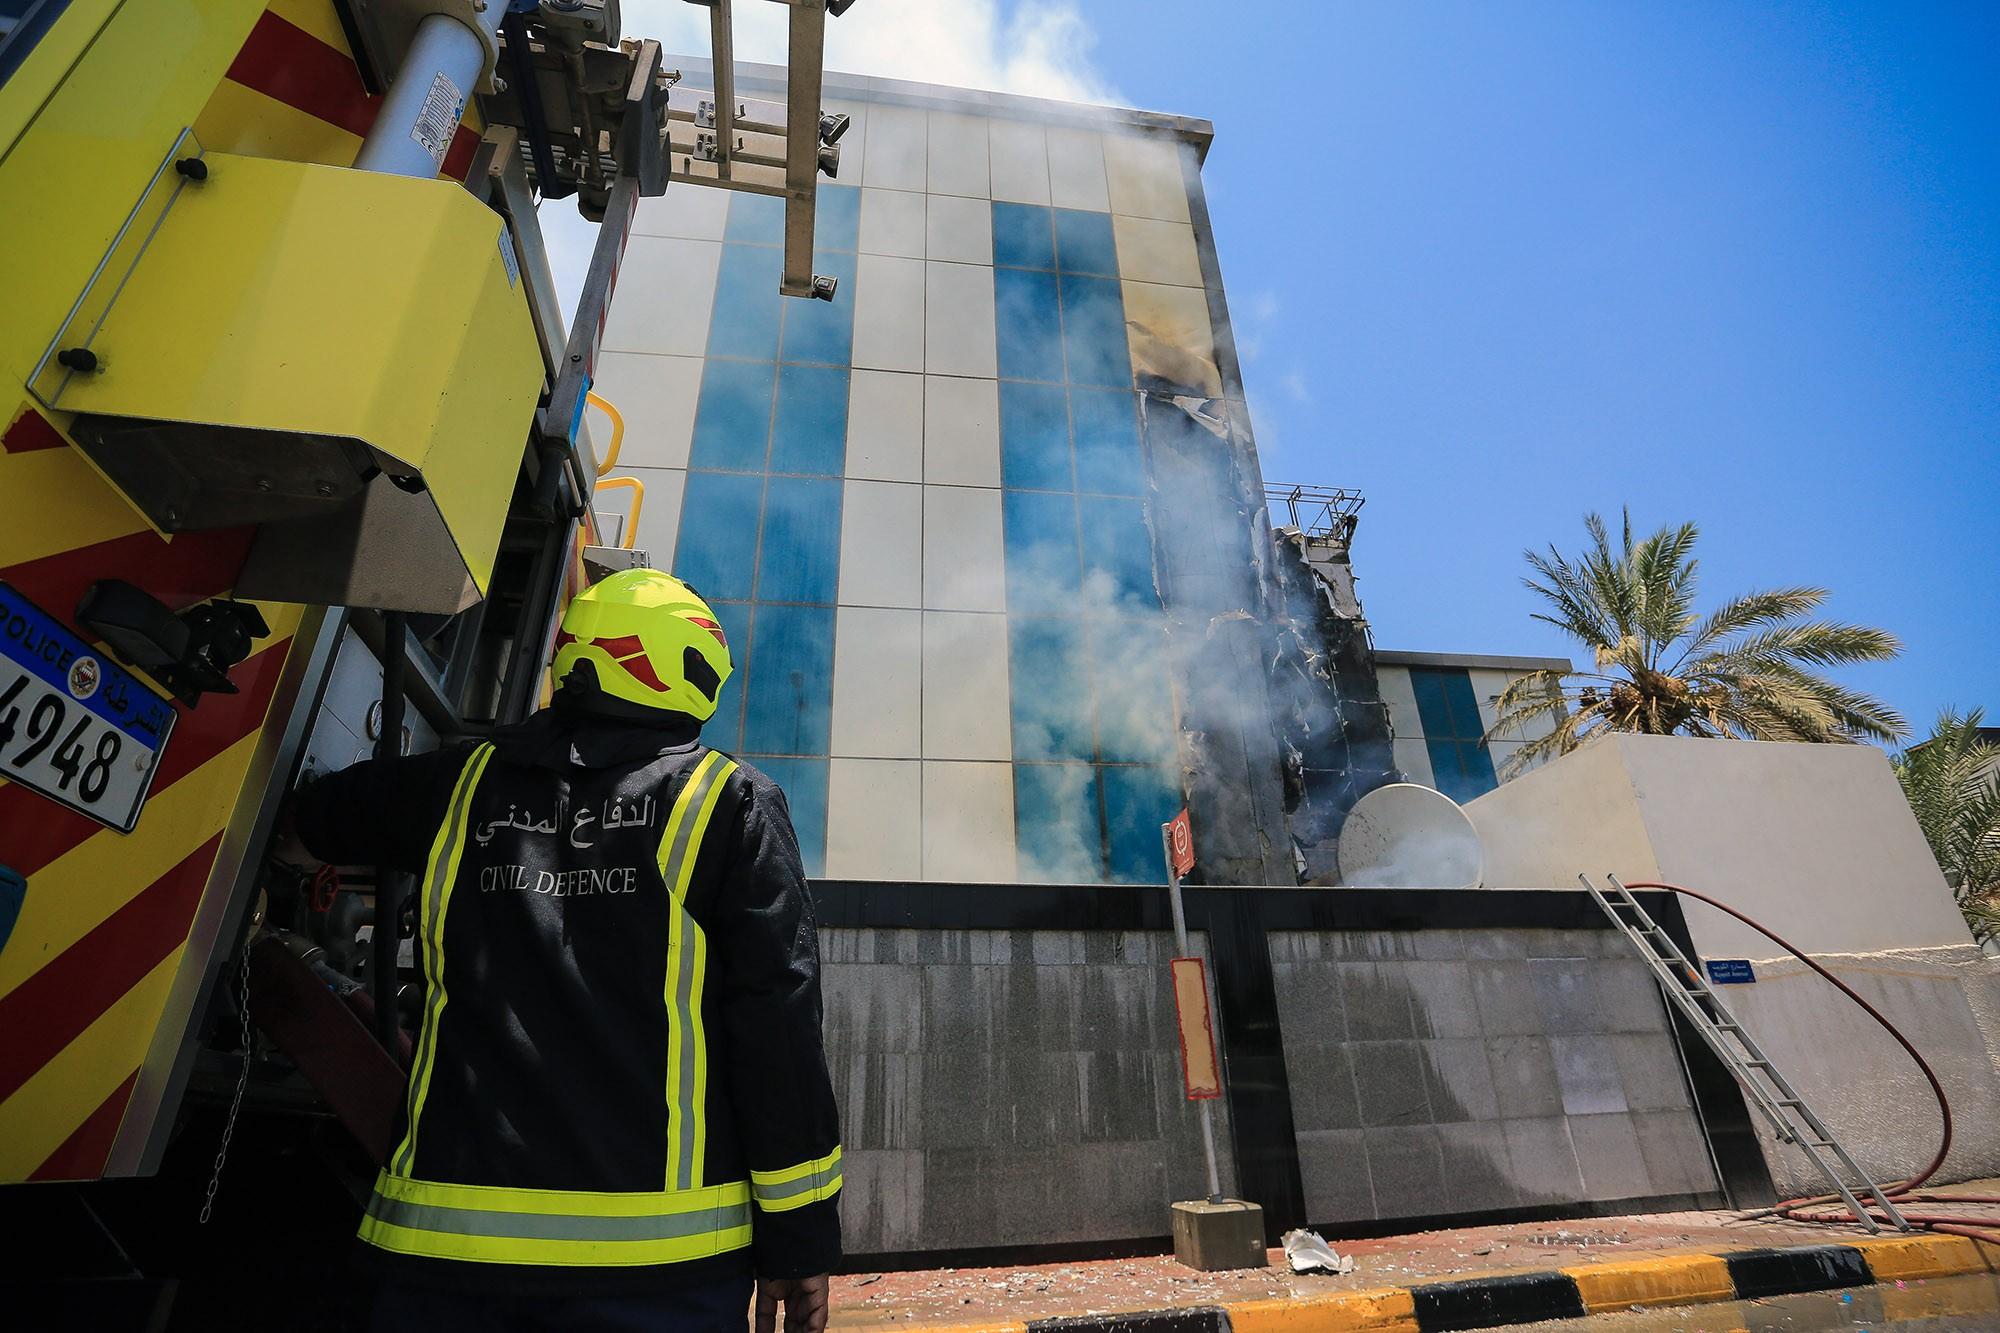 """بالصور : الدفاع المدني يخمد حريقاً اندلع في مبنى تابع لإحدى الشركات بمنطقة """"بو عشيرة"""""""